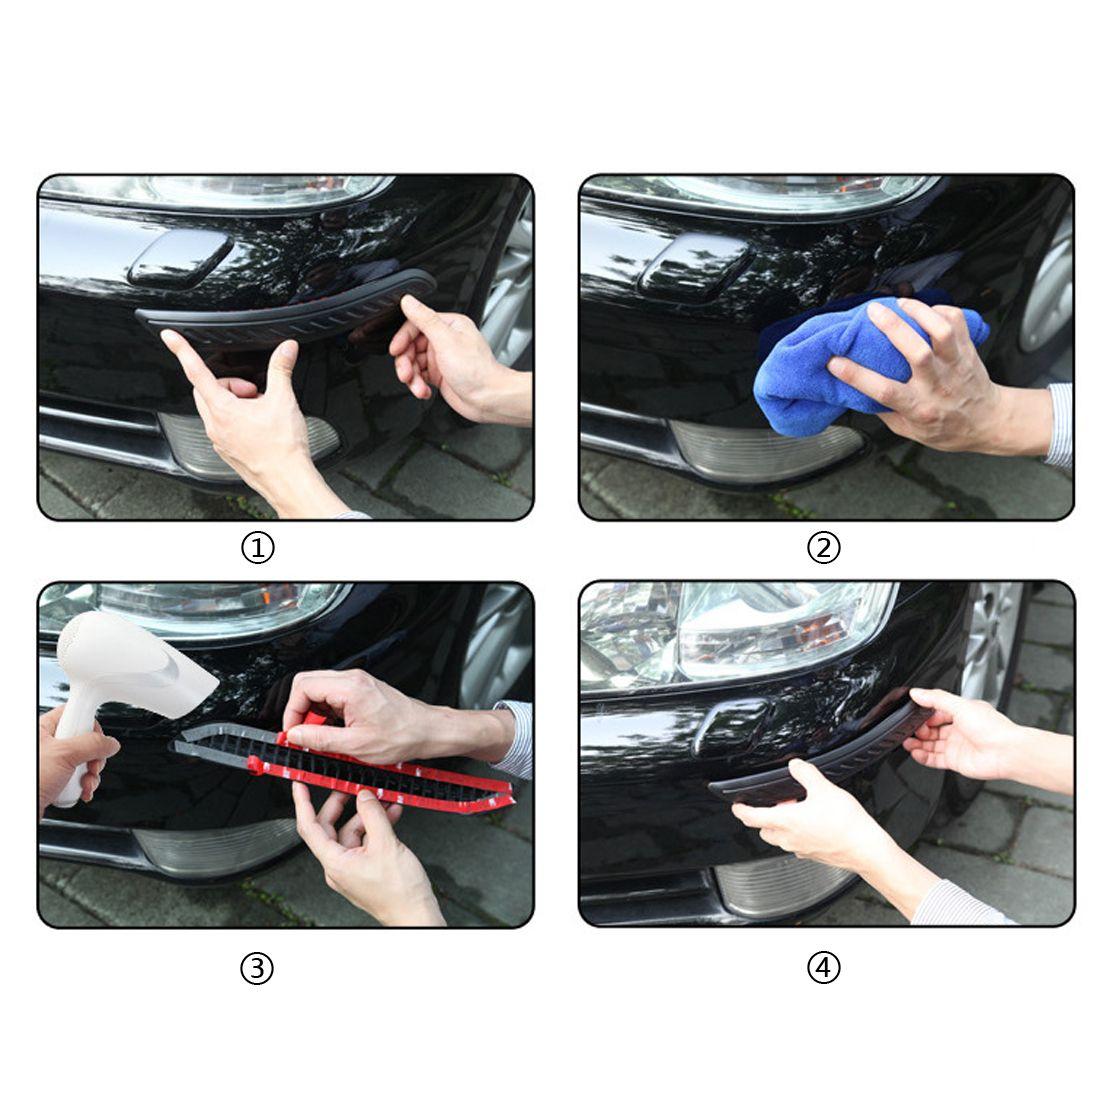 Venta caliente de plástico 2pcs Negro de parachoques de goma del protector de esquina para el coche auto Decoración de Gaza Car Styling